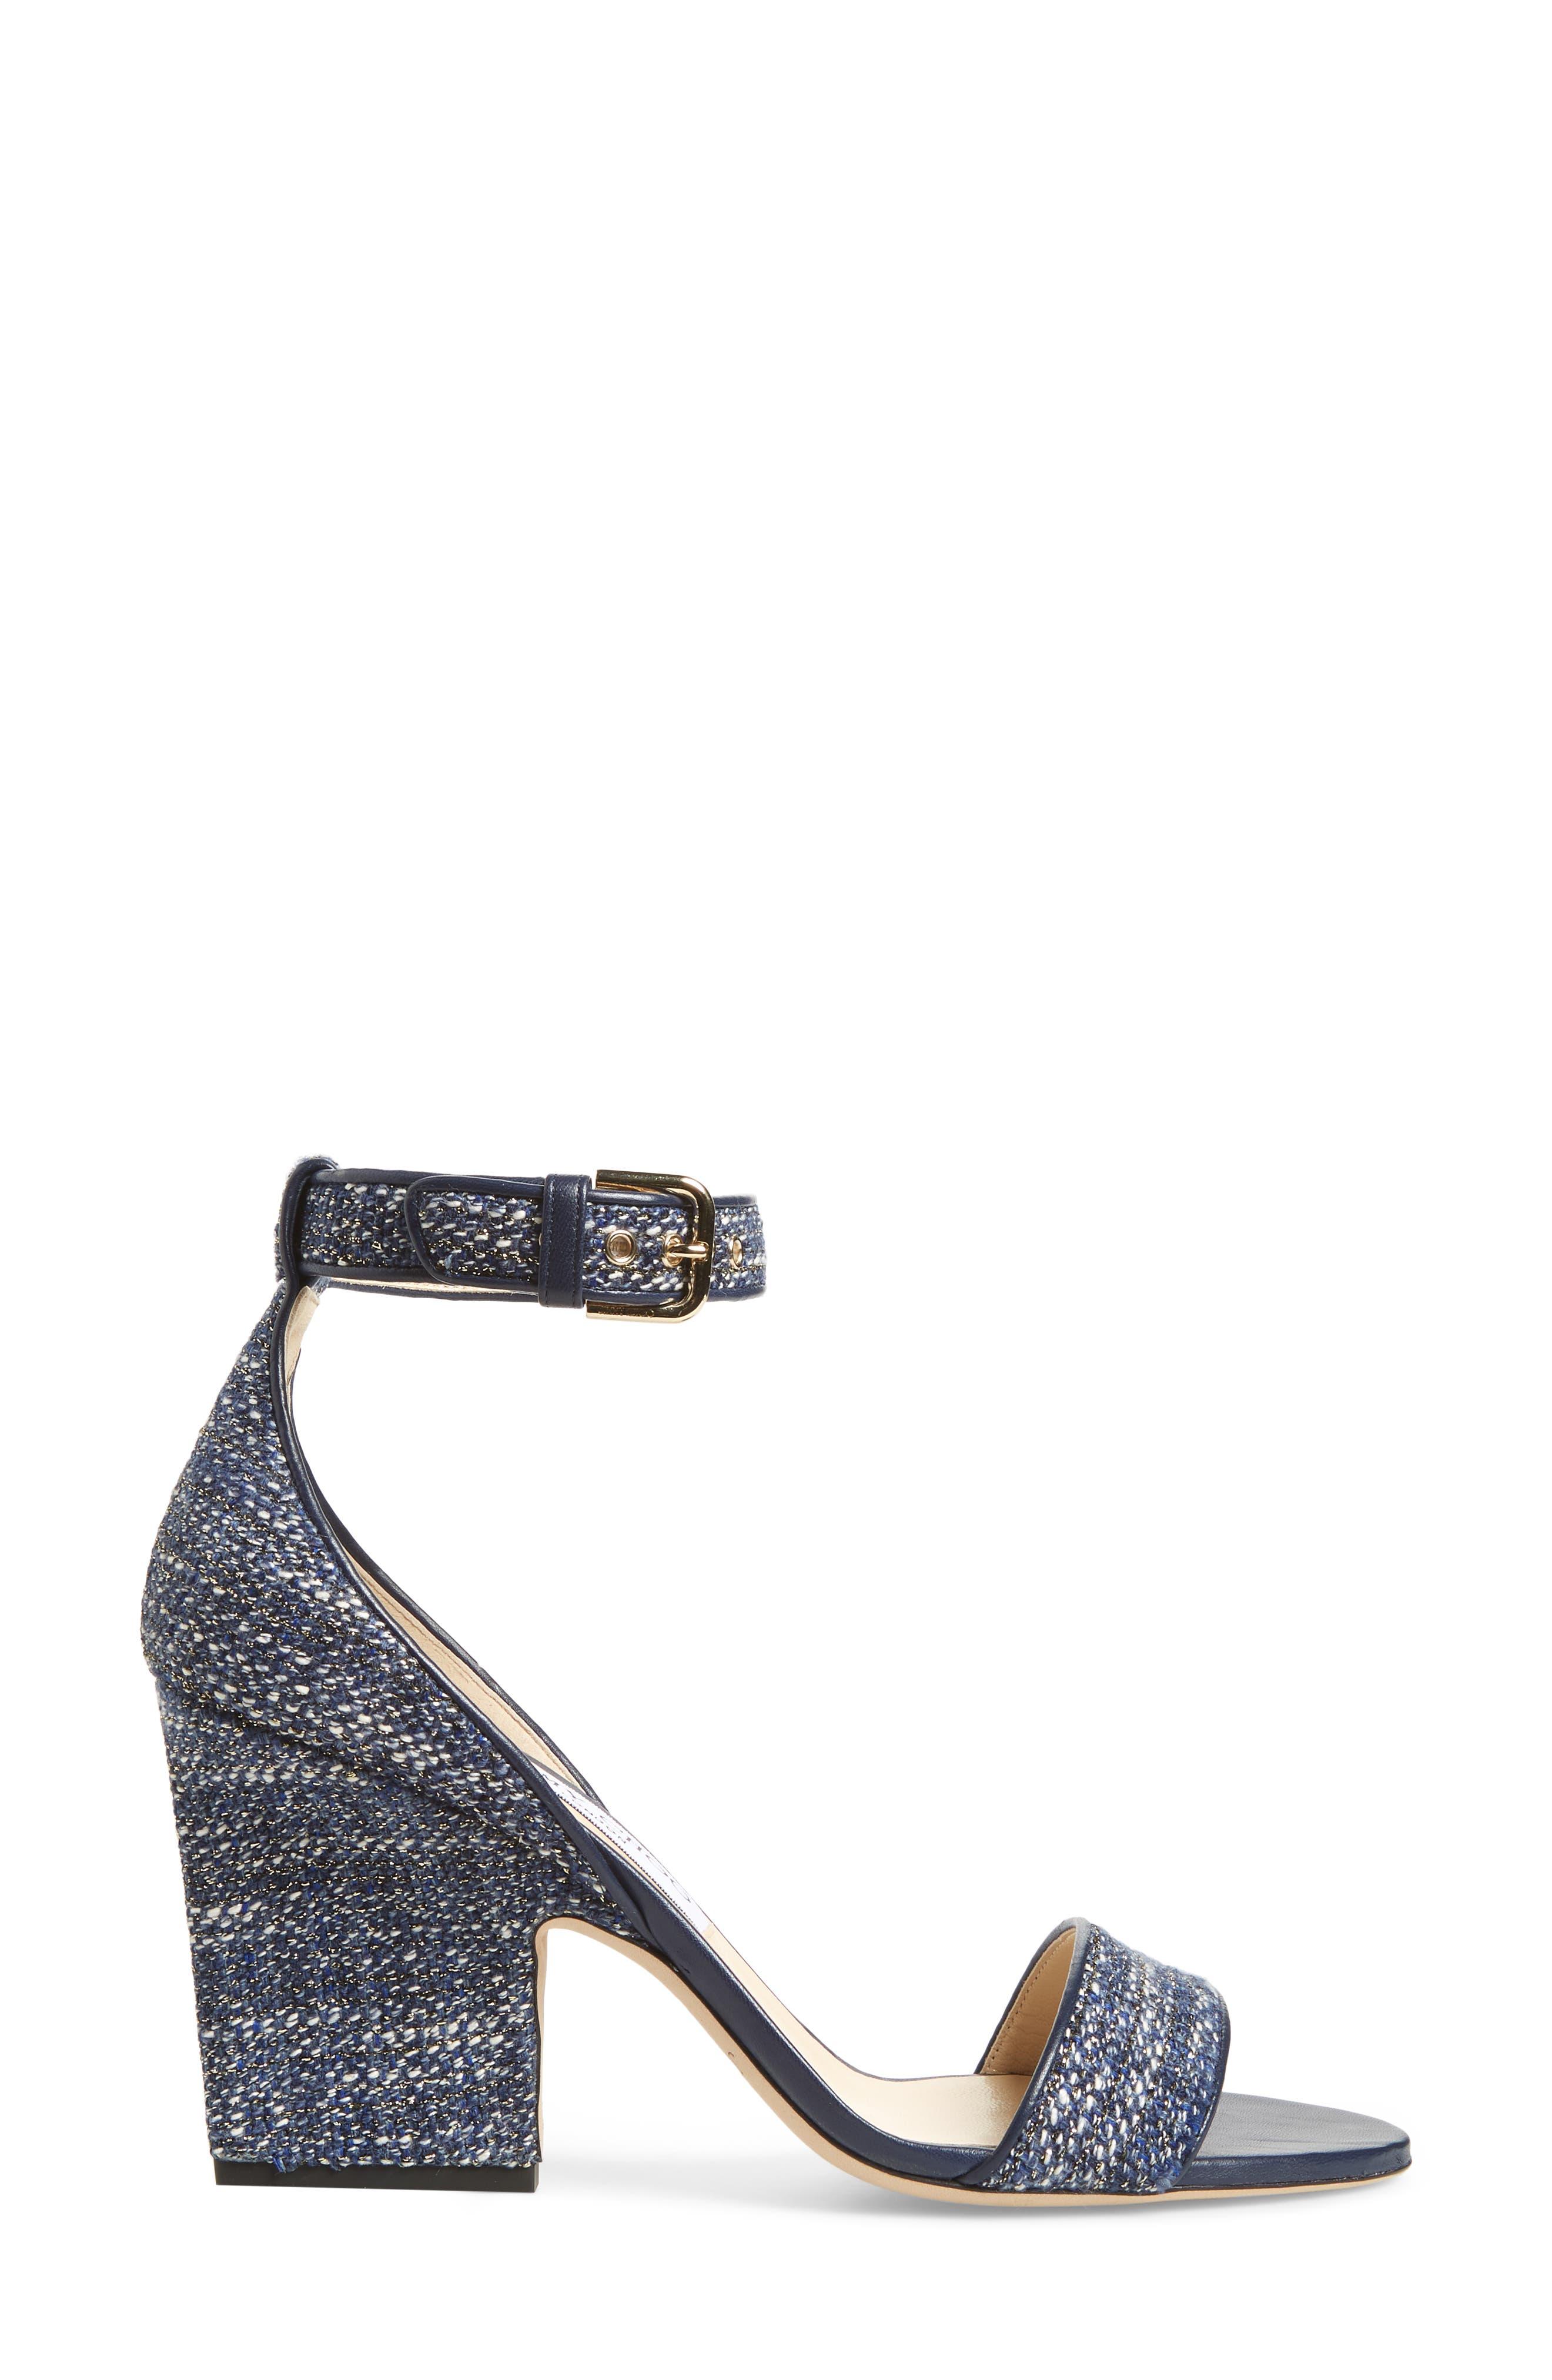 Edina Ankle Strap Sandal,                             Alternate thumbnail 3, color,                             NAVY GLITTER